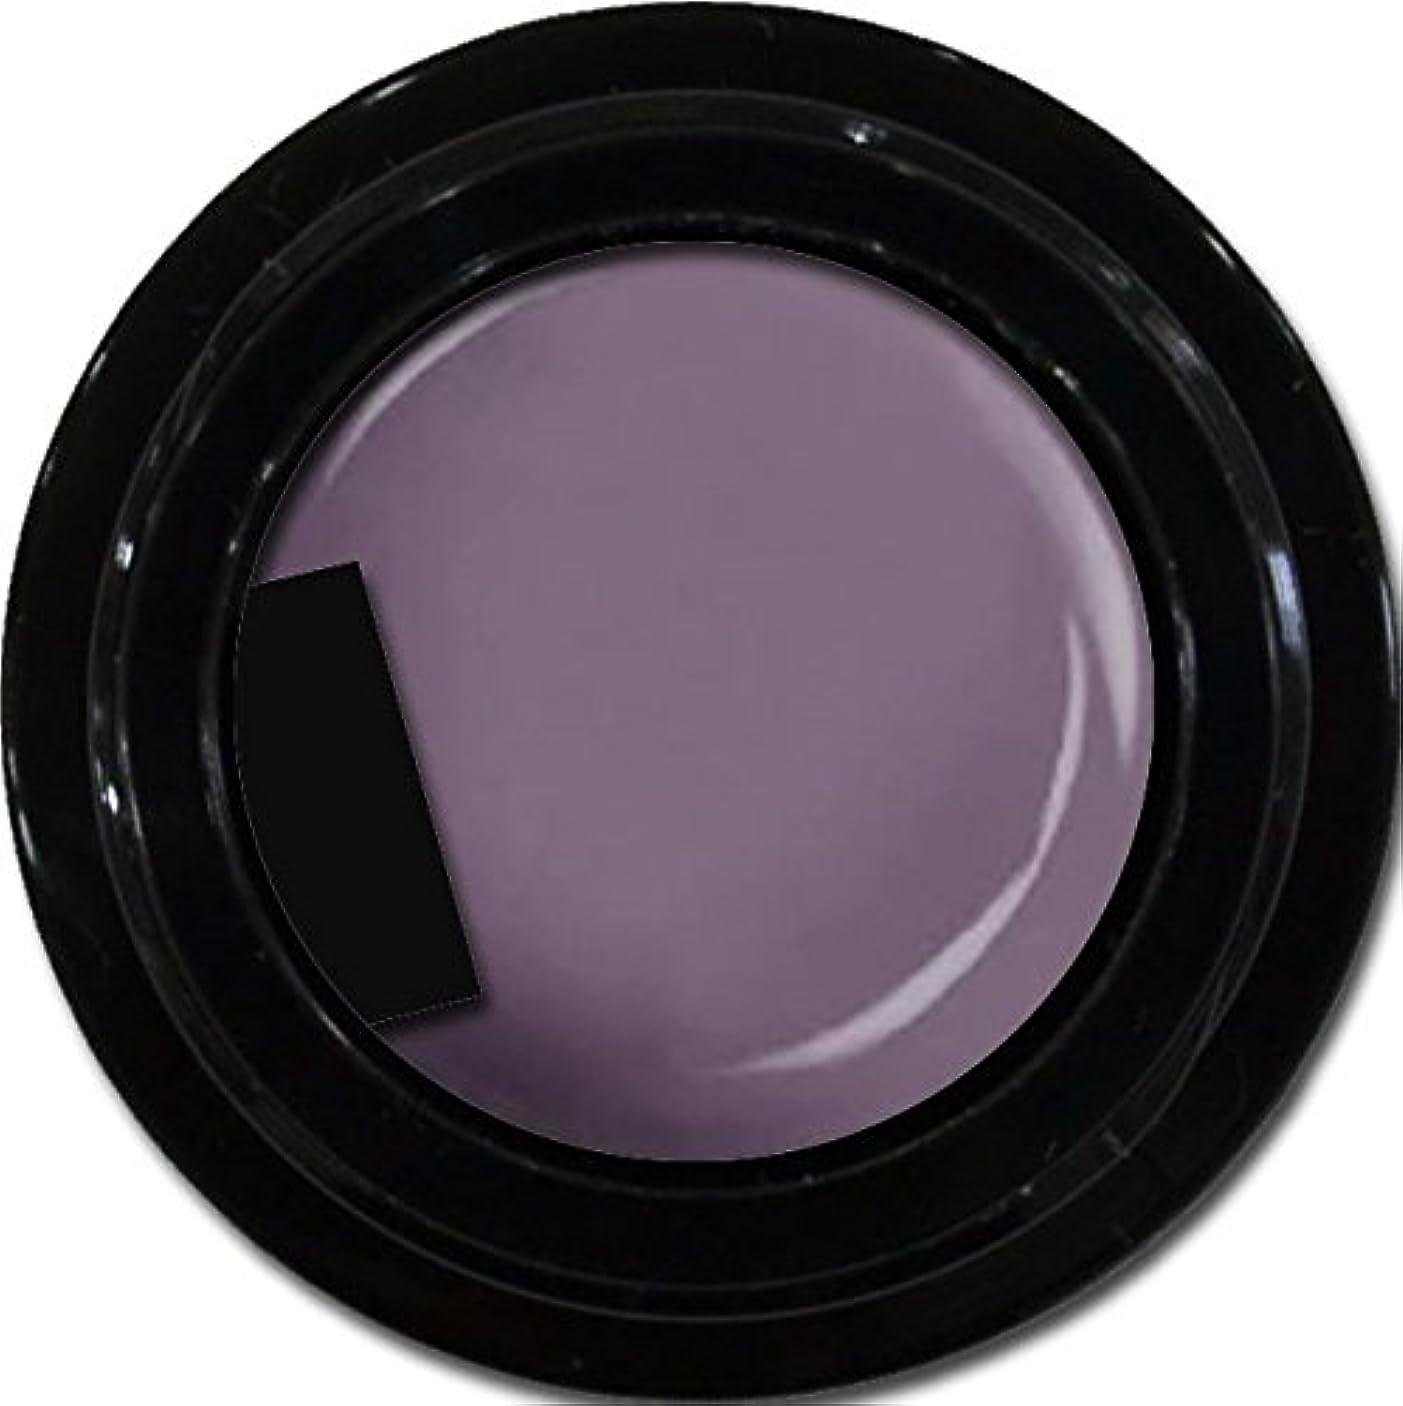 ブレークコントラストしみカラージェル enchant color gel M507 KyotoMurasaki 3g/ マットカラージェル M507 京都むらさき 3グラム